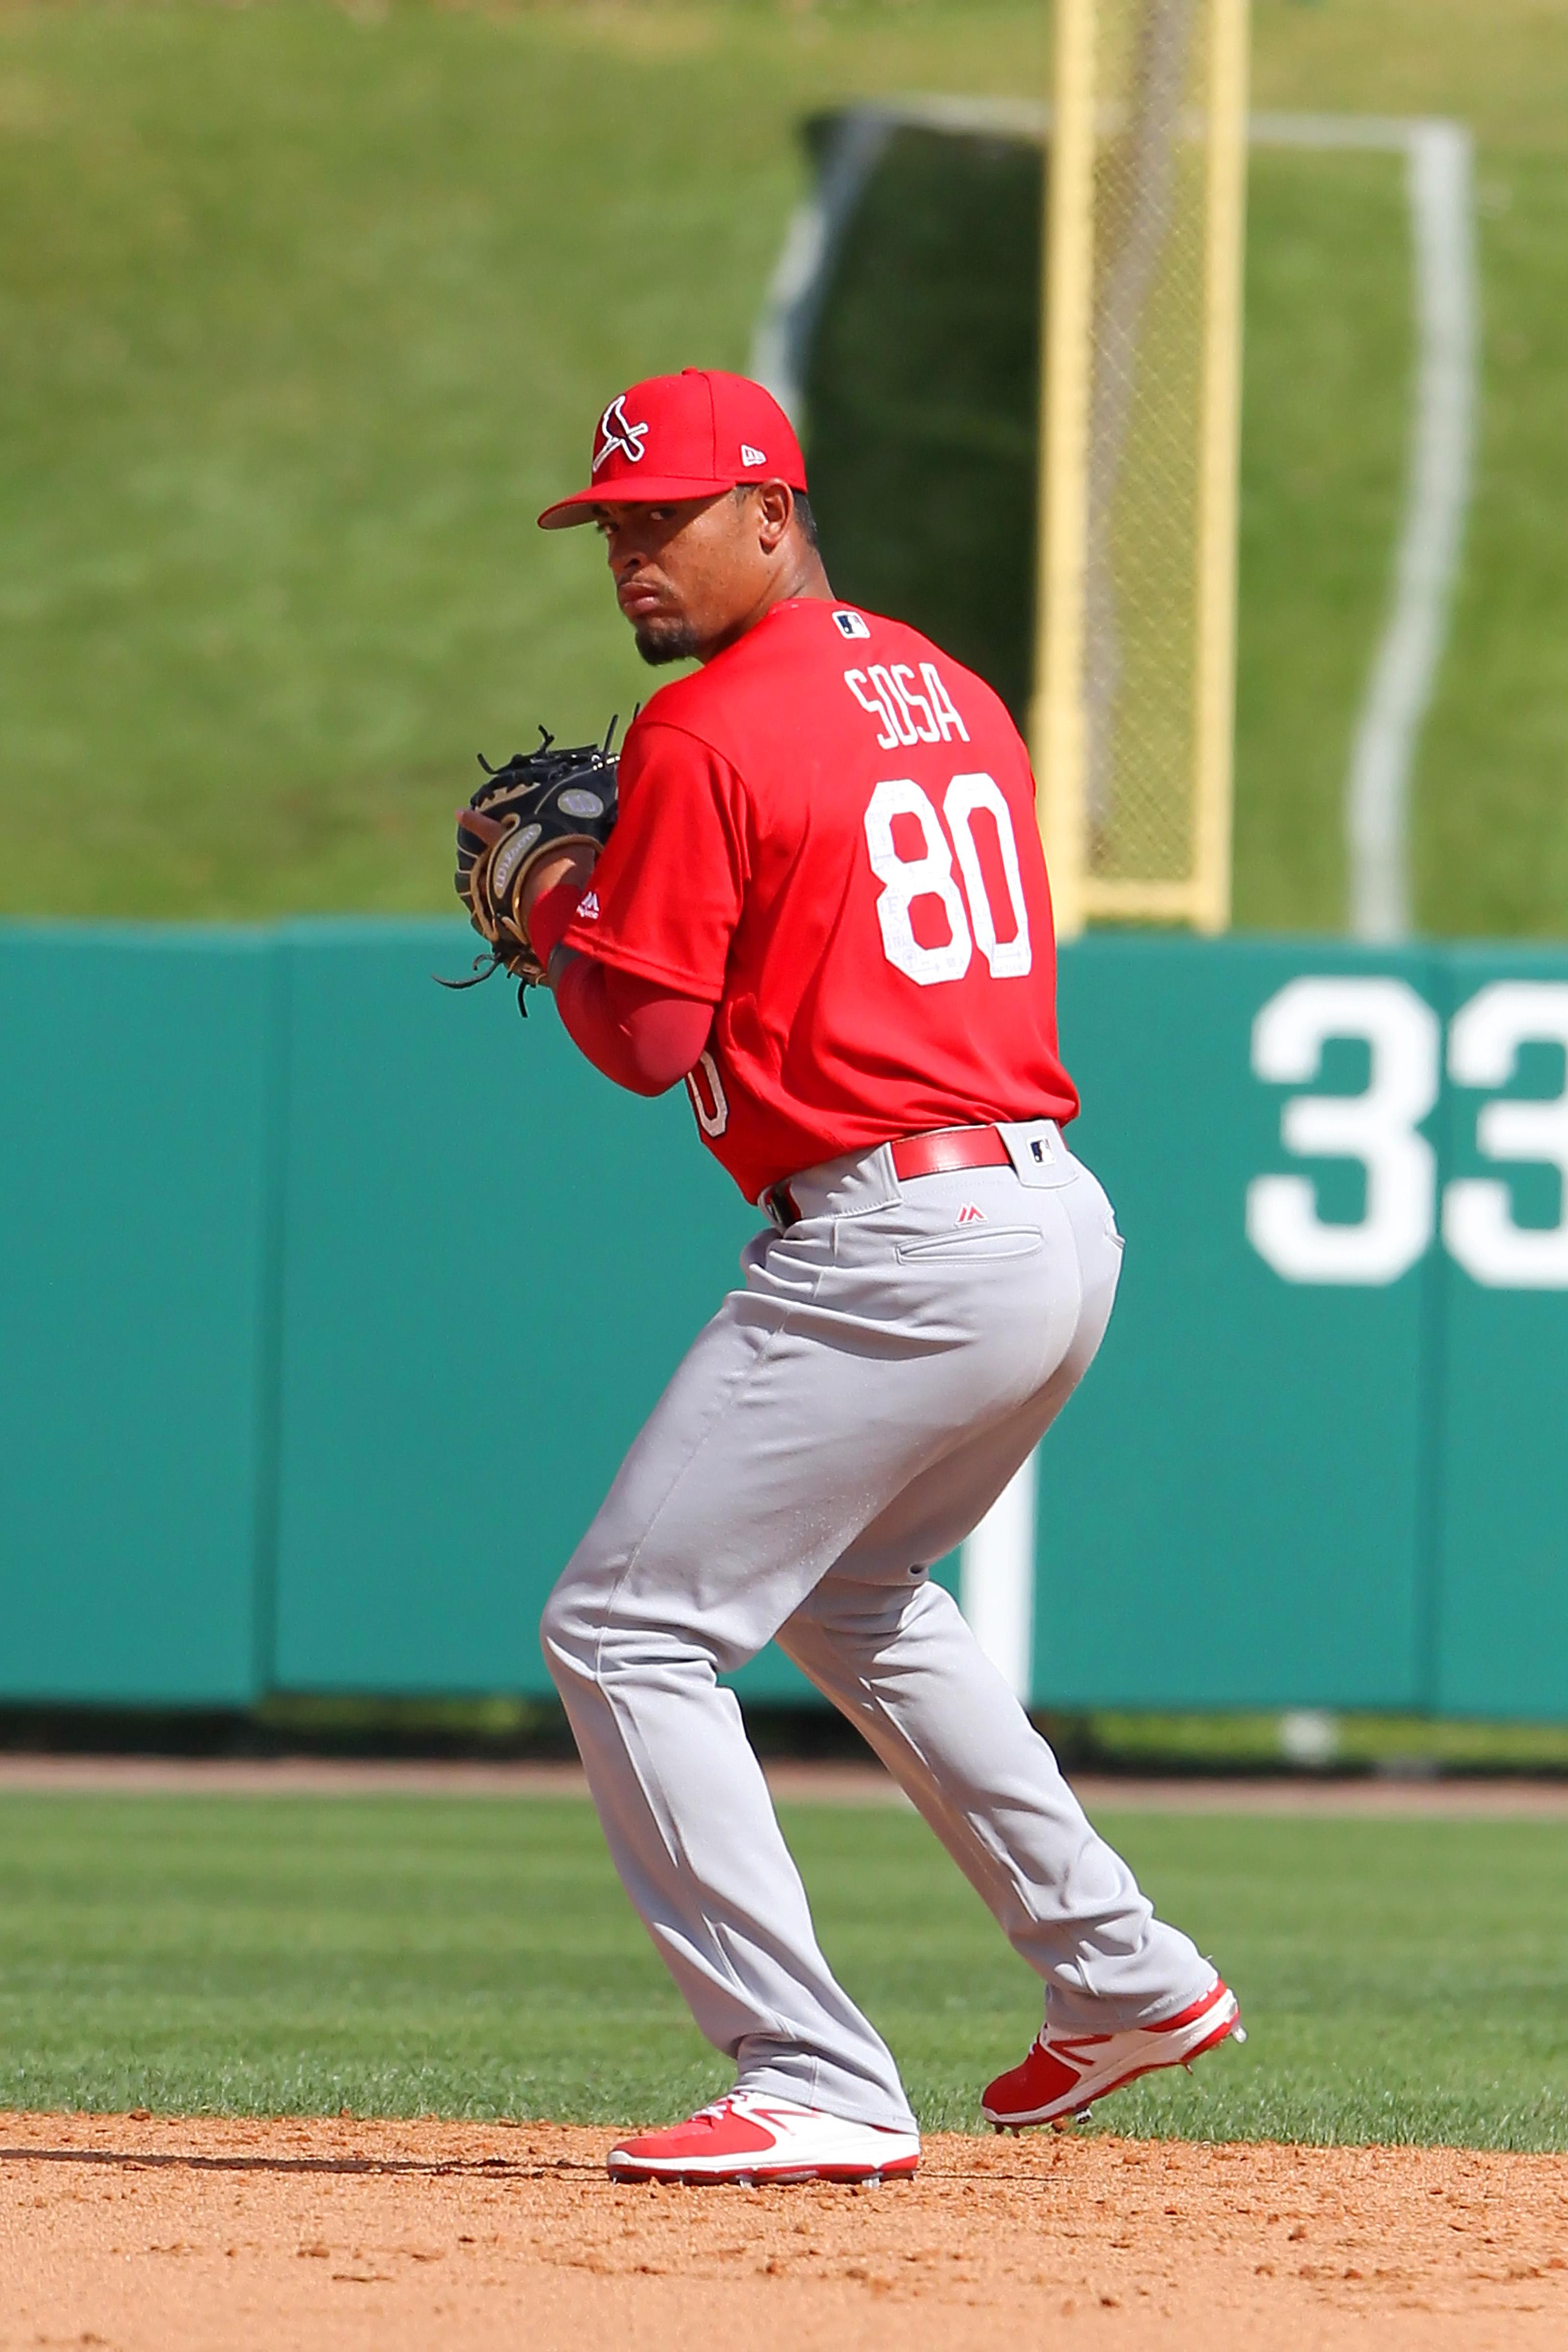 MLB: FEB 28 Spring Training - Cardinals at Braves